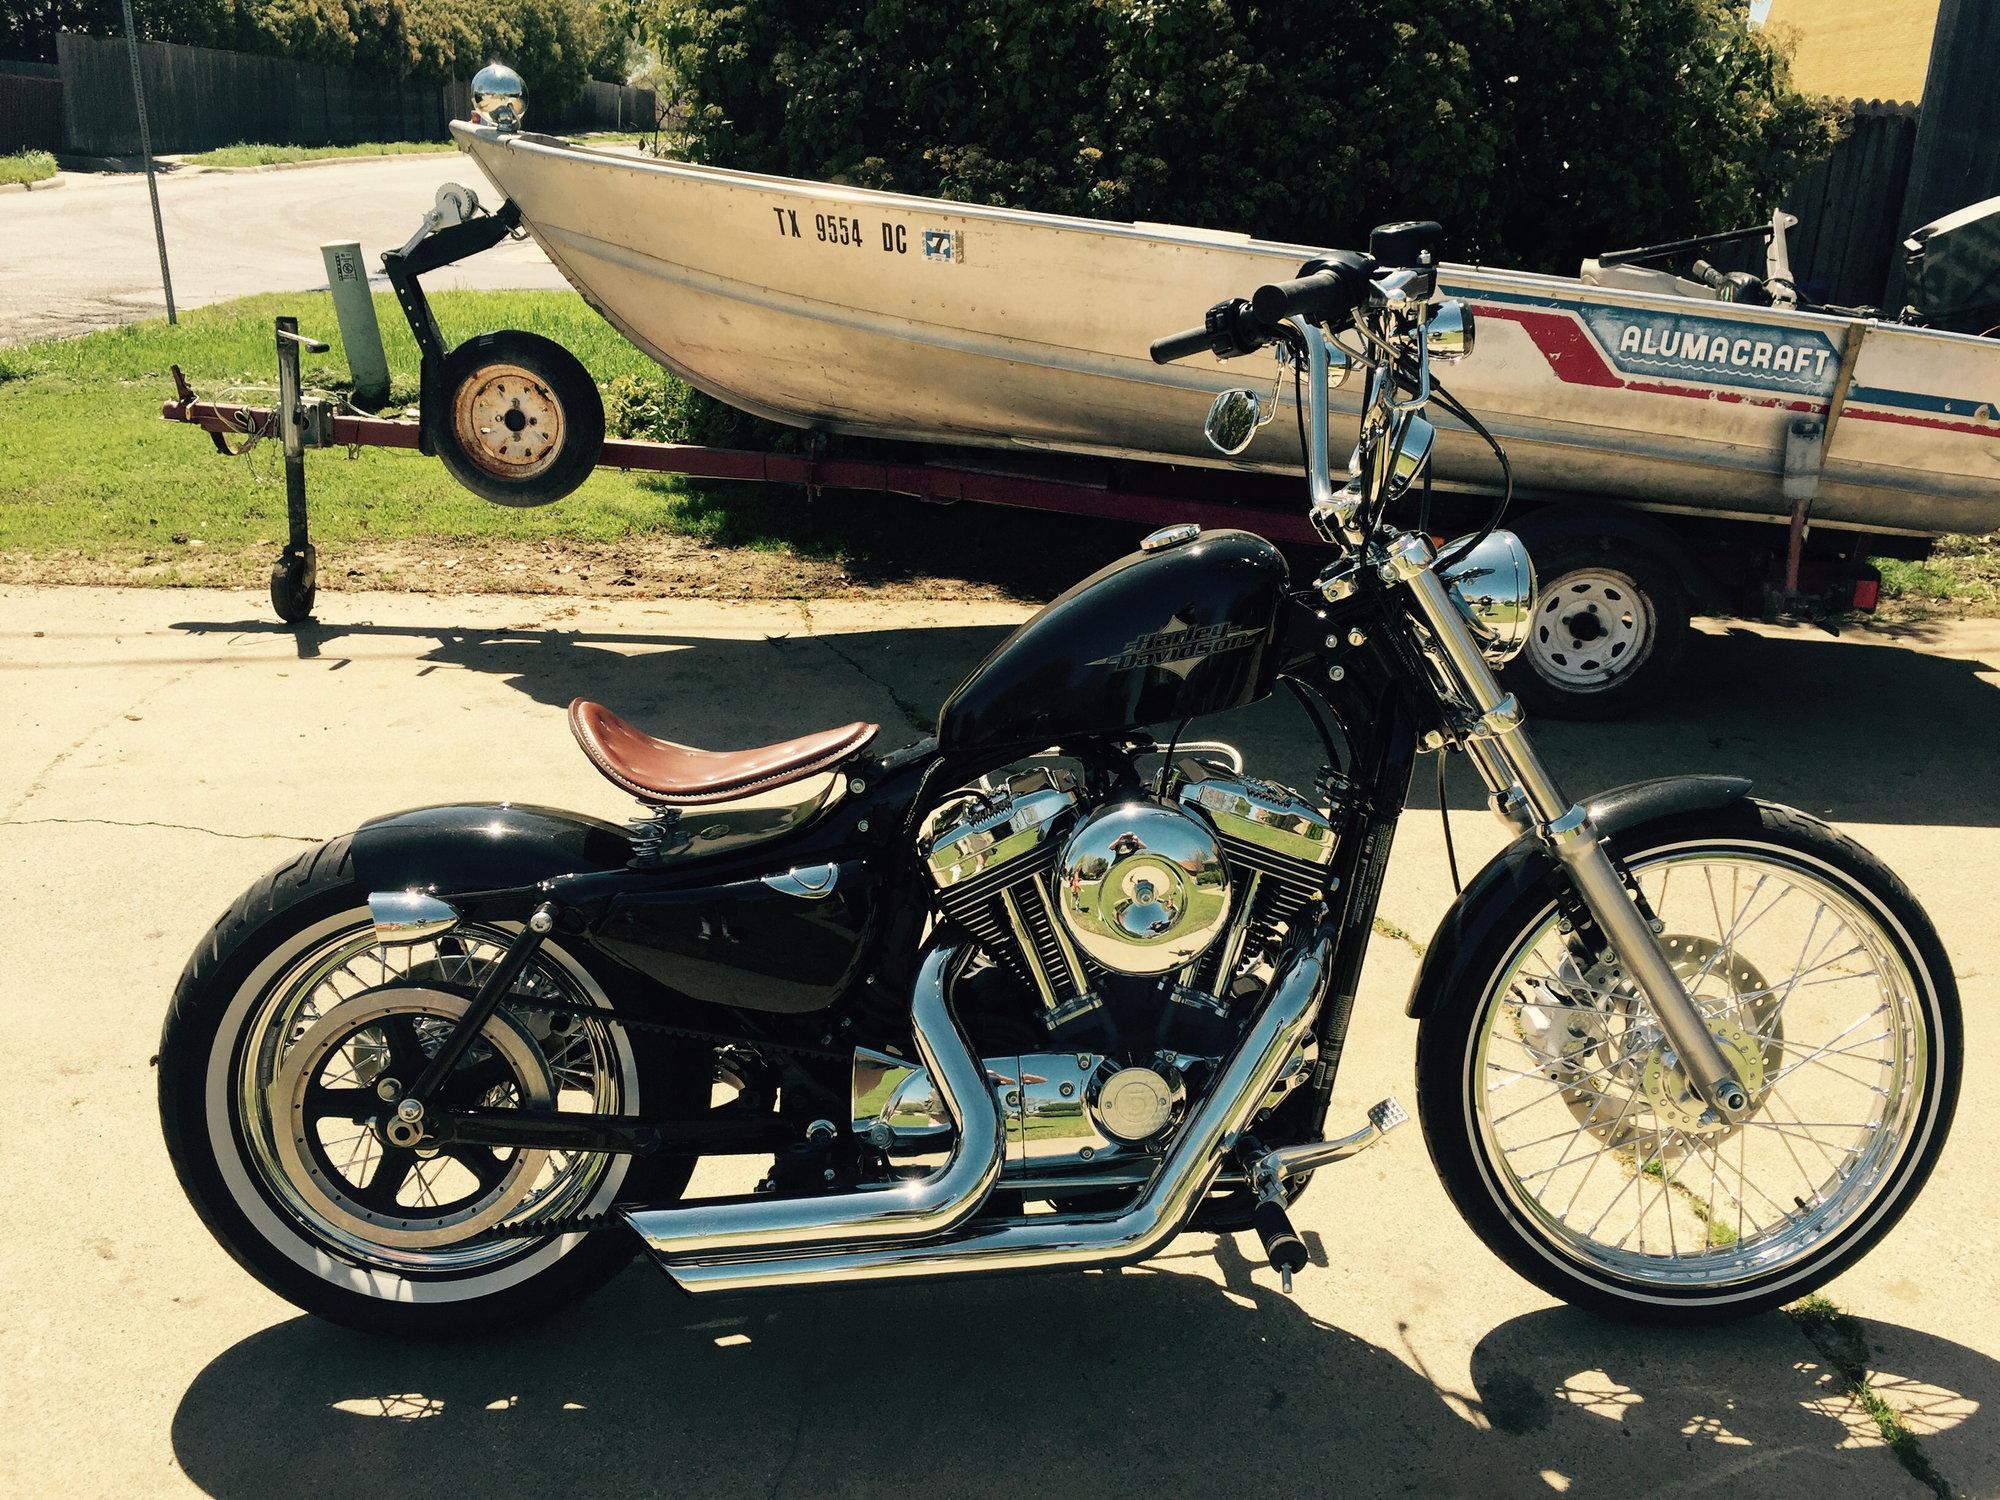 72 Bobber Harley Davidson Forums